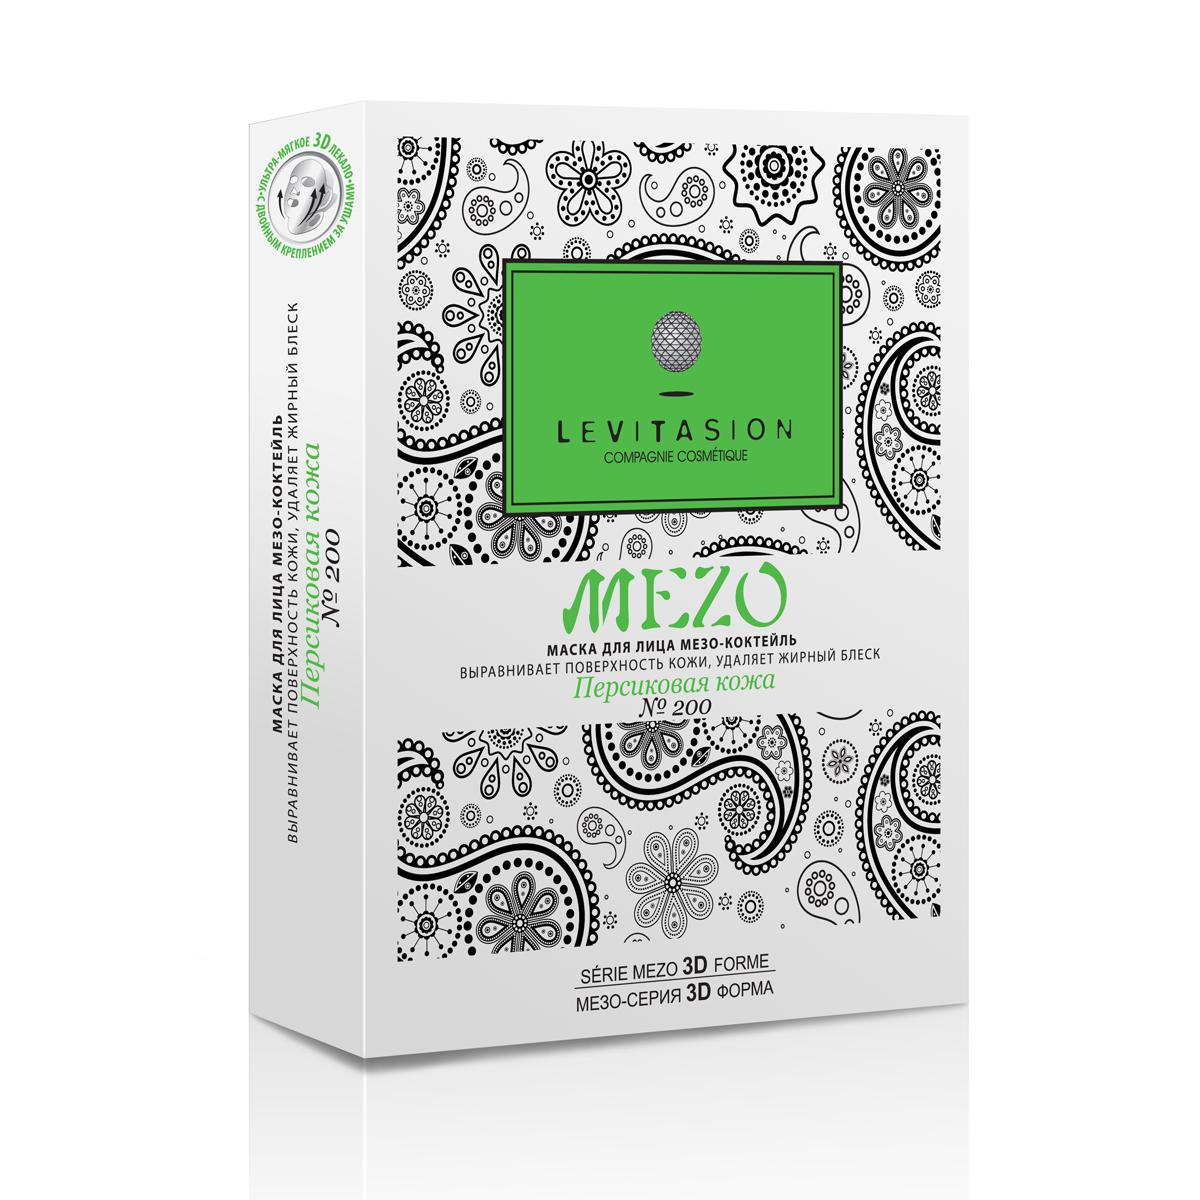 Levitasion MEZO маска для лица Персиковая кожа №200, 5 штМПН0200Выравнивает поверхность кожи, оказывает противовоспалительное и регенерирующее действие, нормализует гидролипидный баланс, удаляет жирный блеск, дарит выраженный омолаживающий эффект, делает кожу нежной и шелковистой.